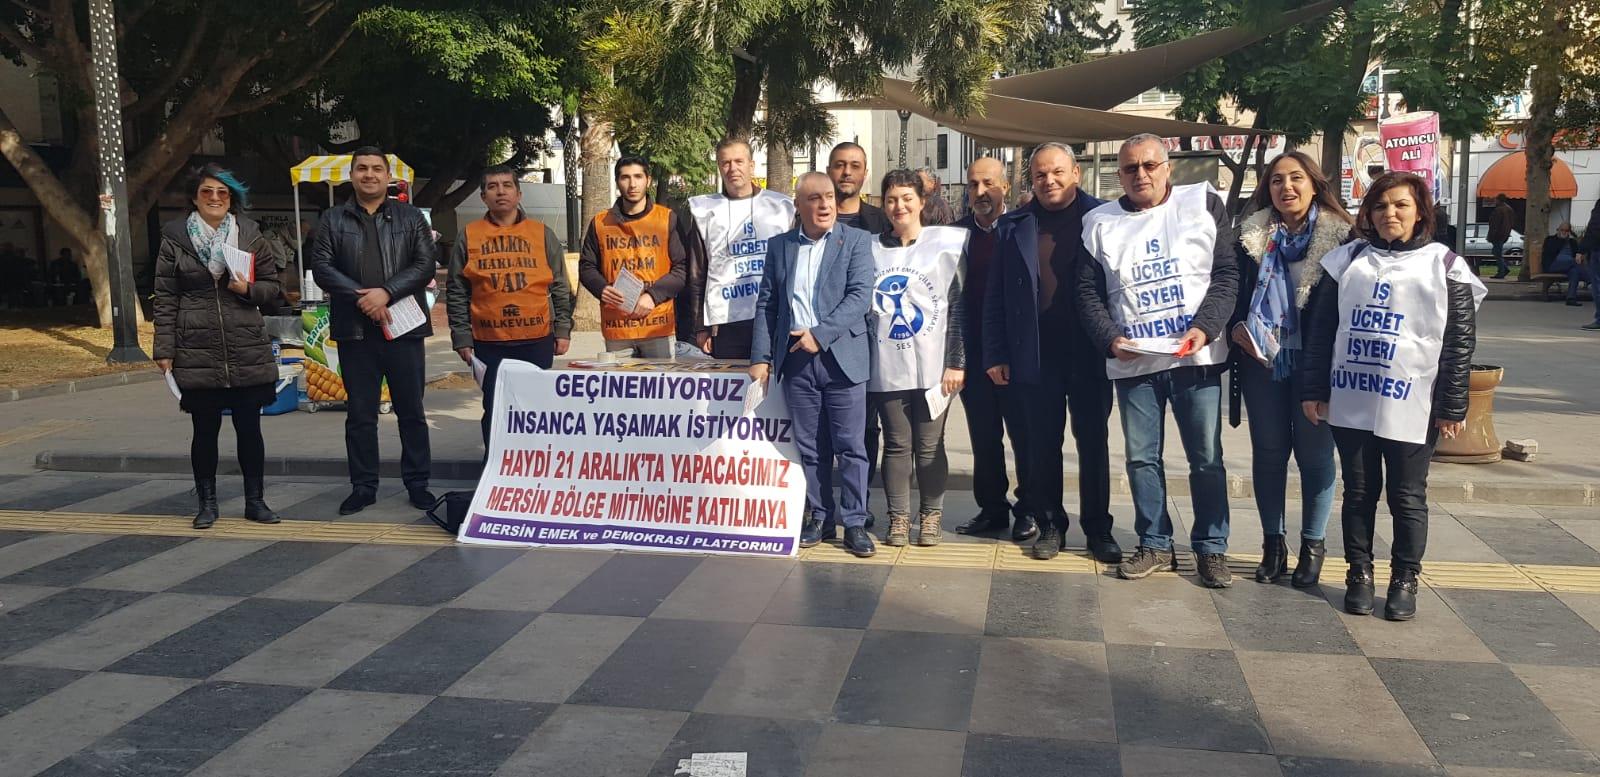 Mersin'de Halk İçin Bütçe Mitinginin Çalışmaları Başladı